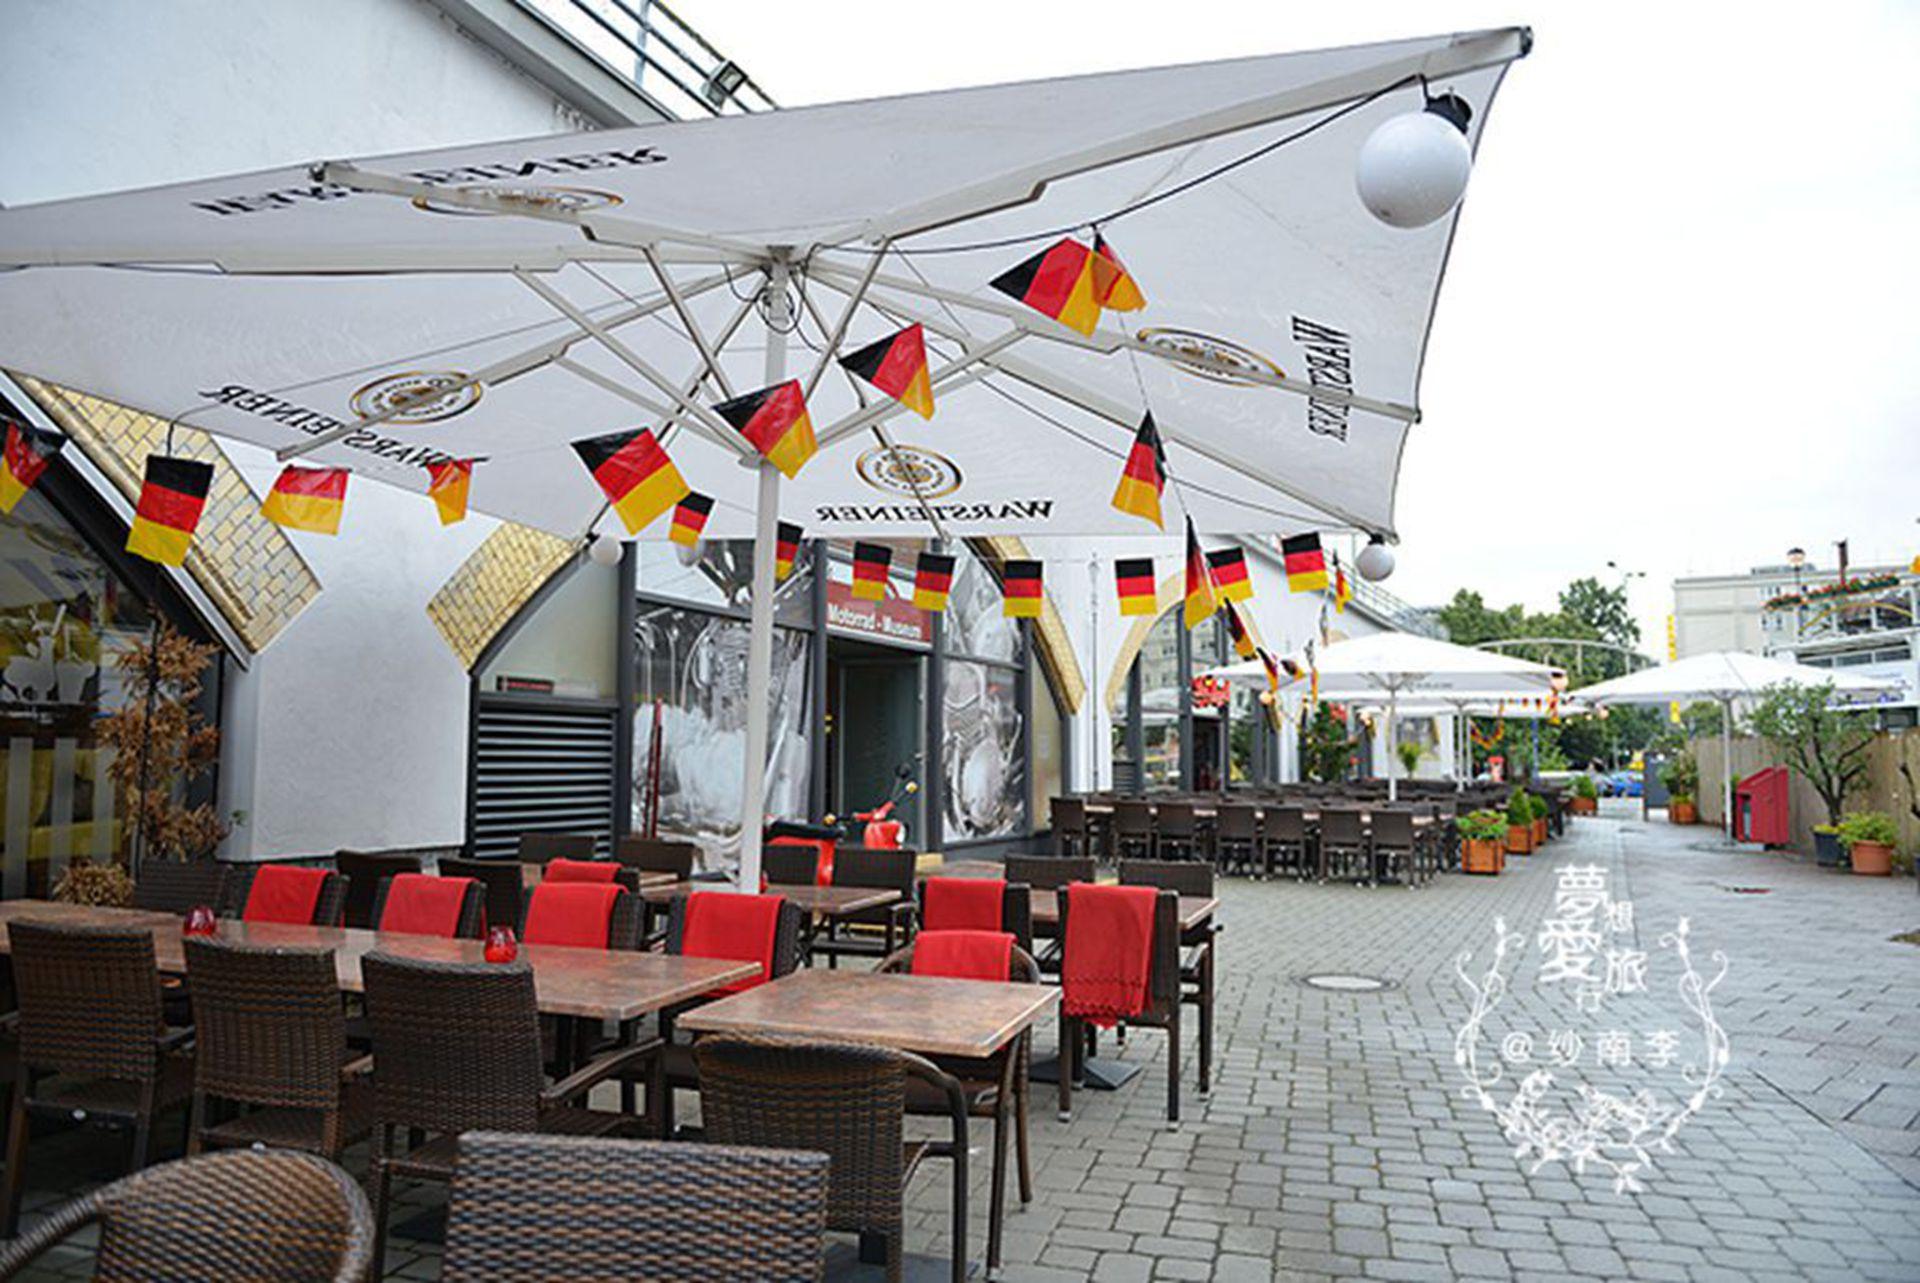 去找柏林第一汉堡,彩蛋是世界最大的摩托车博物馆!图片